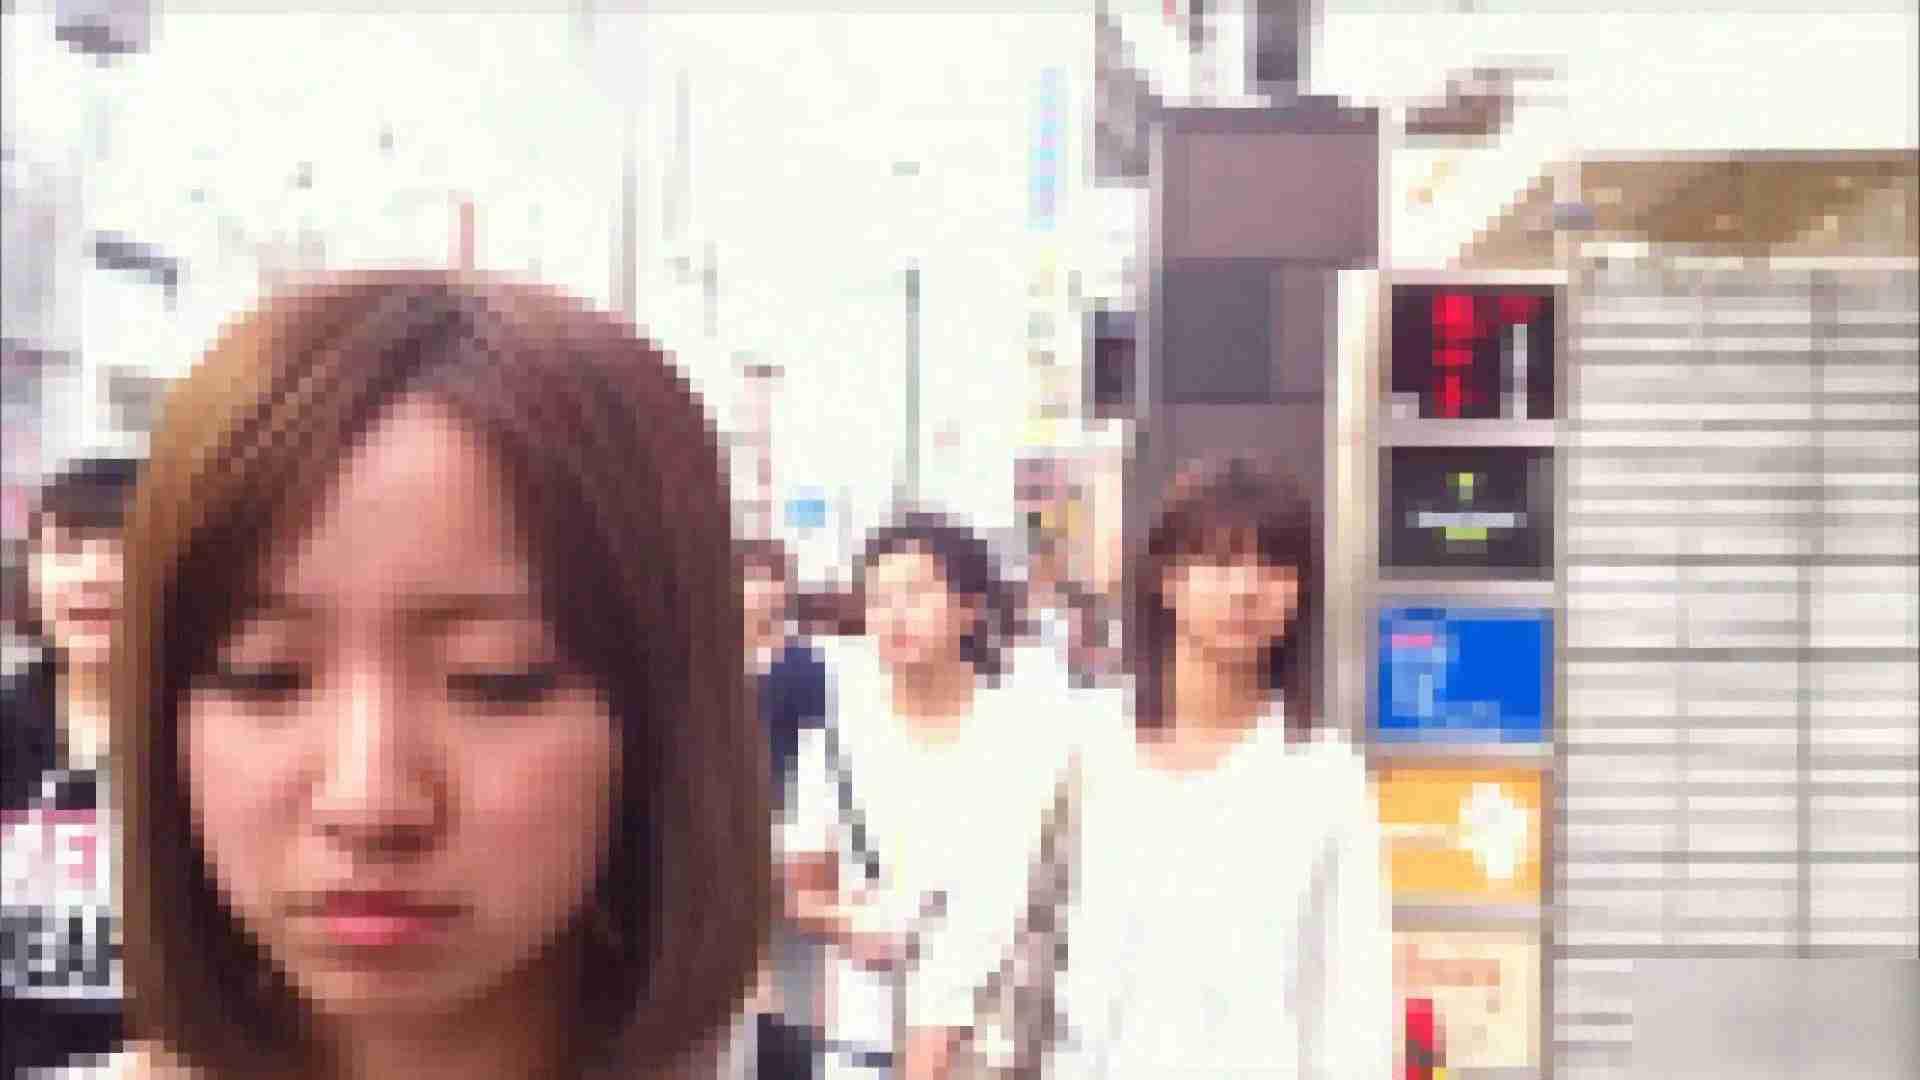 ガールズパンチラストリートビューVol.026 ギャルのエロ動画 | エロティックなOL  65画像 9